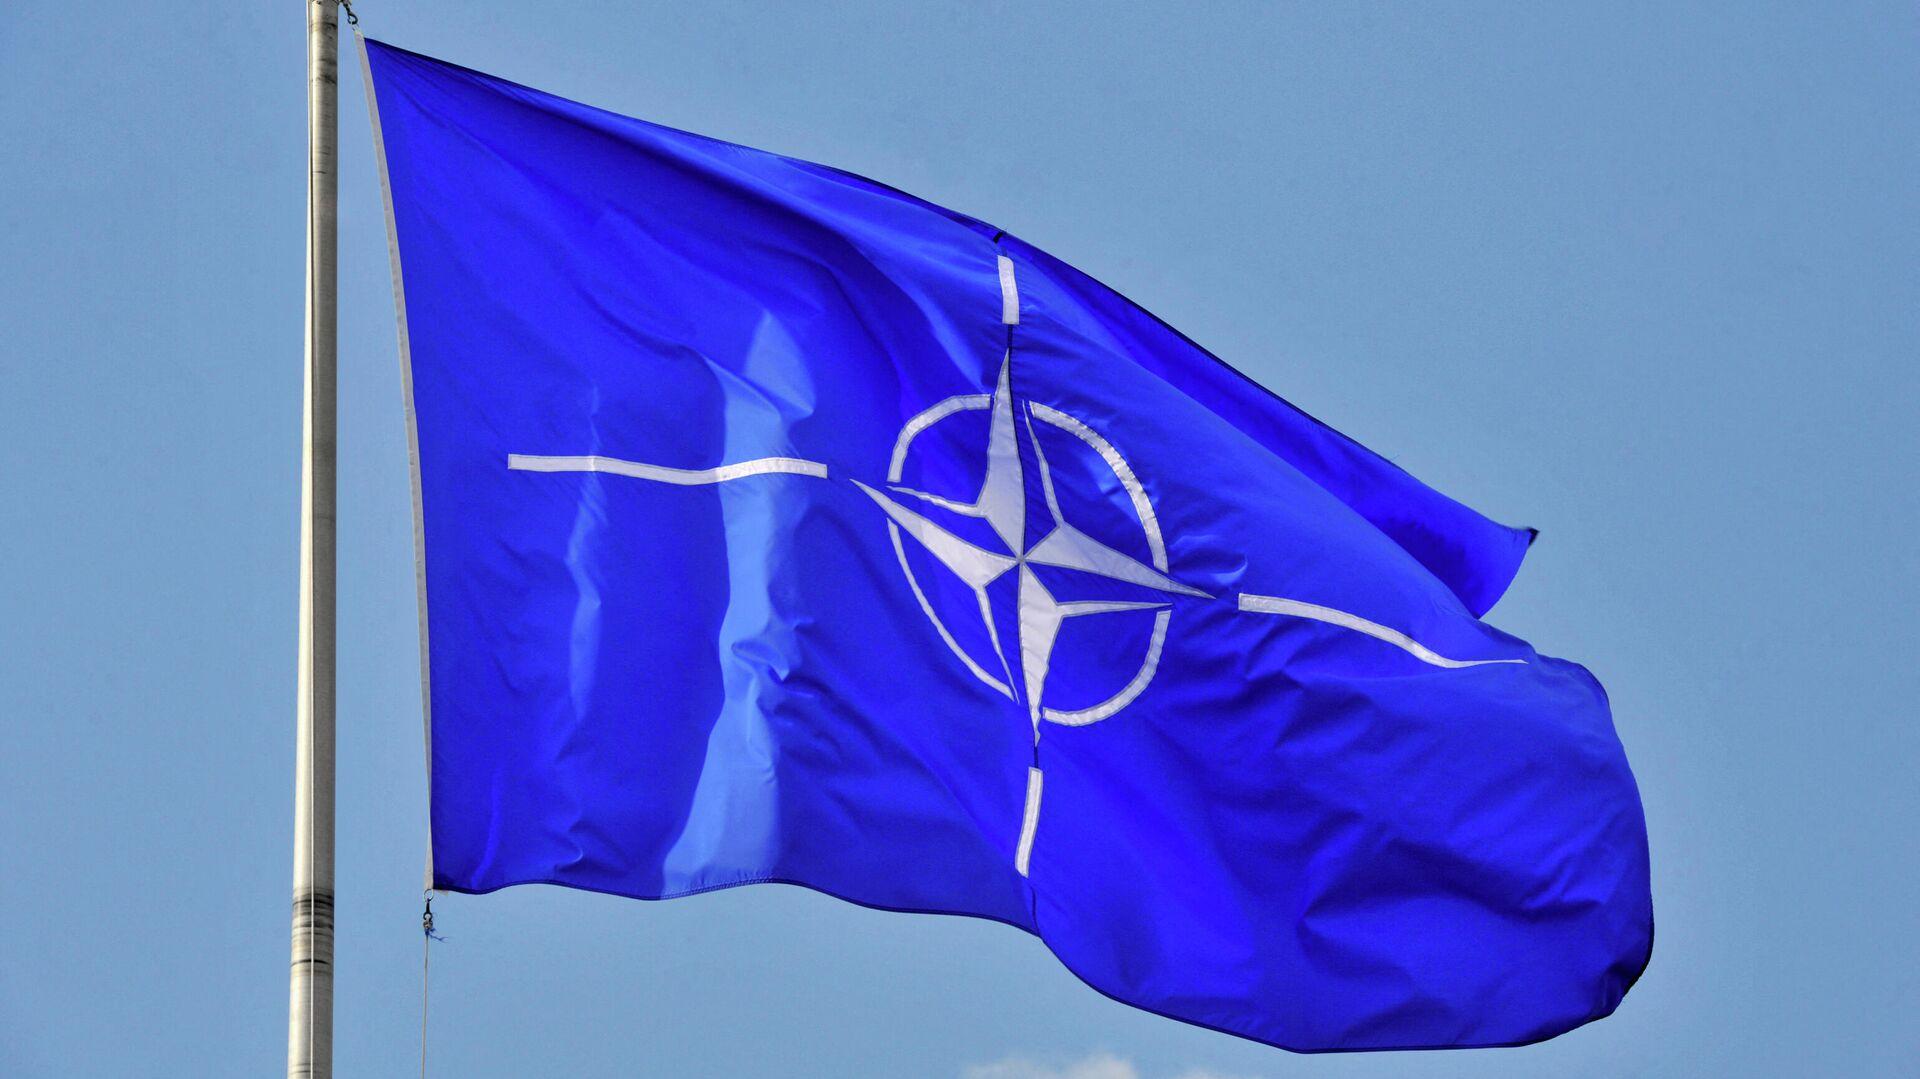 Флаг НАТО, архивное фото - Sputnik Таджикистан, 1920, 08.04.2021